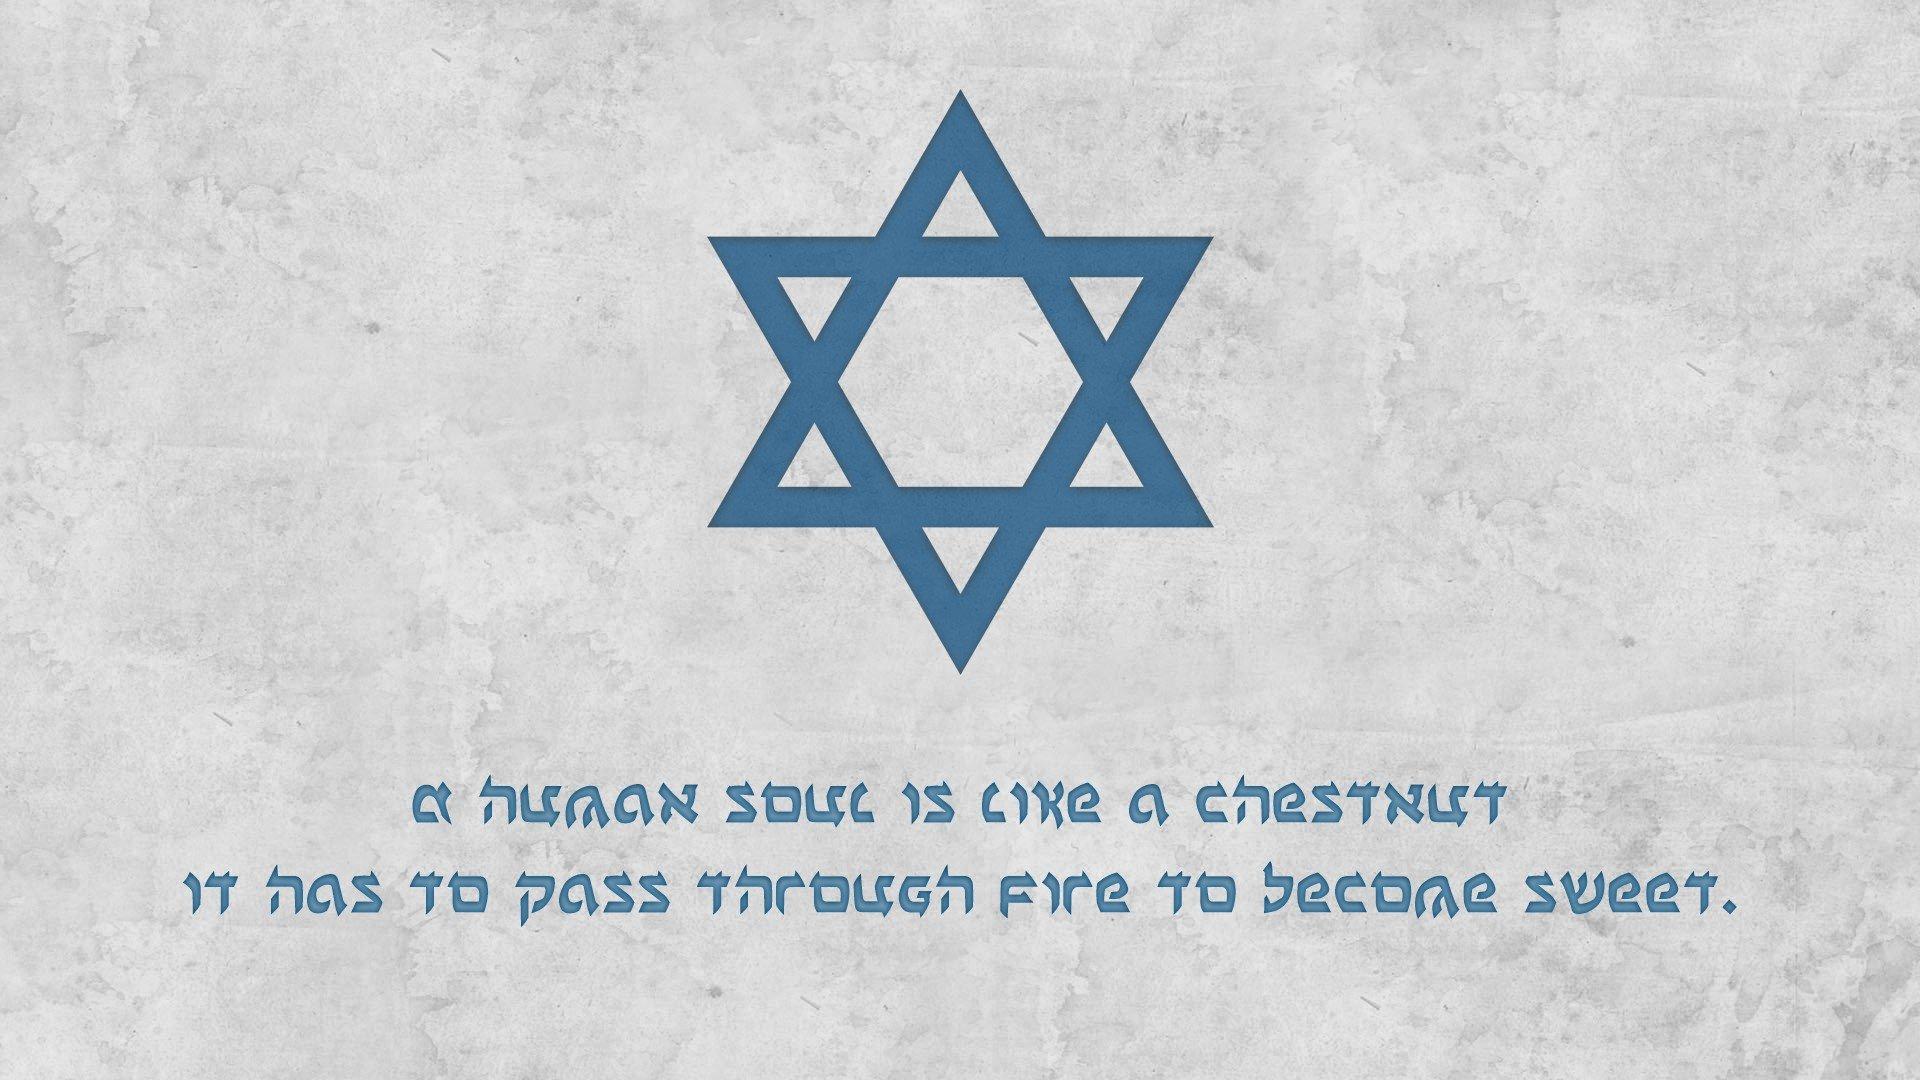 1920x1080 px anne frank blue Davids Star God Jewish Judaism life quote souls white wisdom World